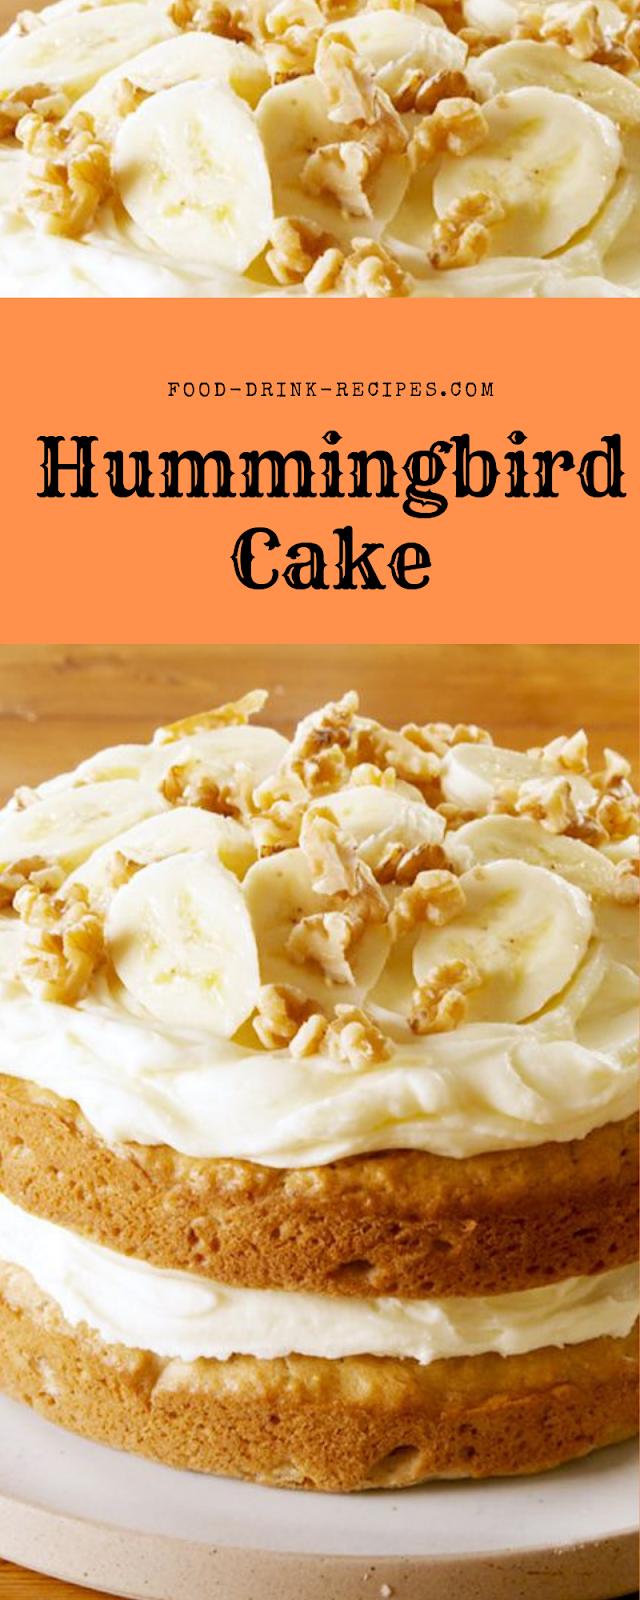 Hummingbird Cake - food-drink-recipes.com